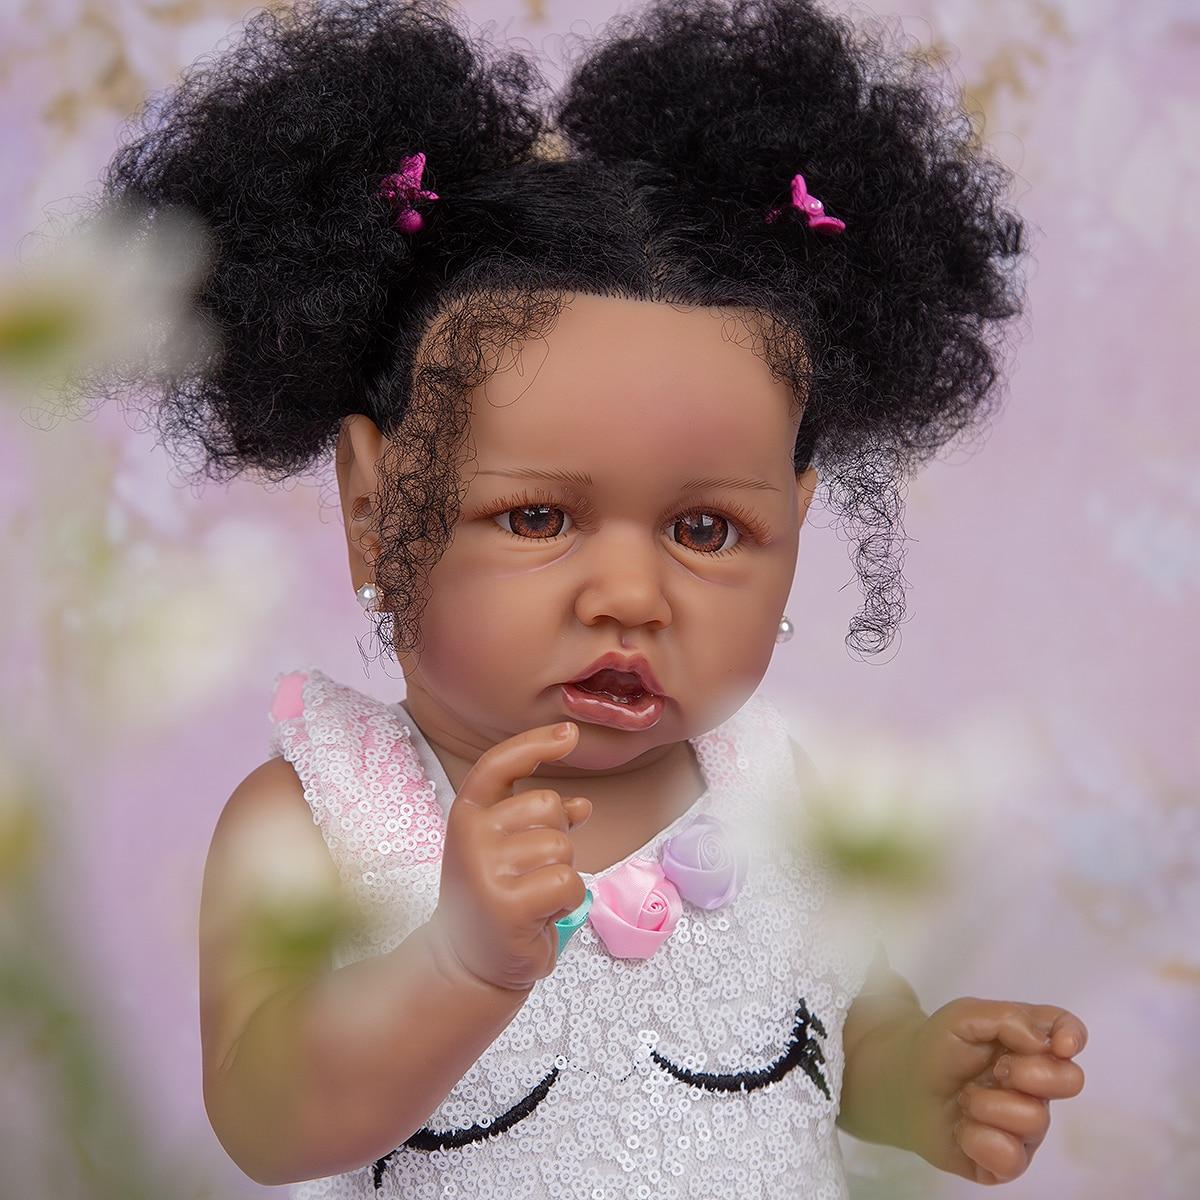 57cm Handmade Fiber Hair Reborn Baby Dolls Black Skin Silicone Full Body Lifelike Toddler Reborn Girl Doll Children's Day Gifts